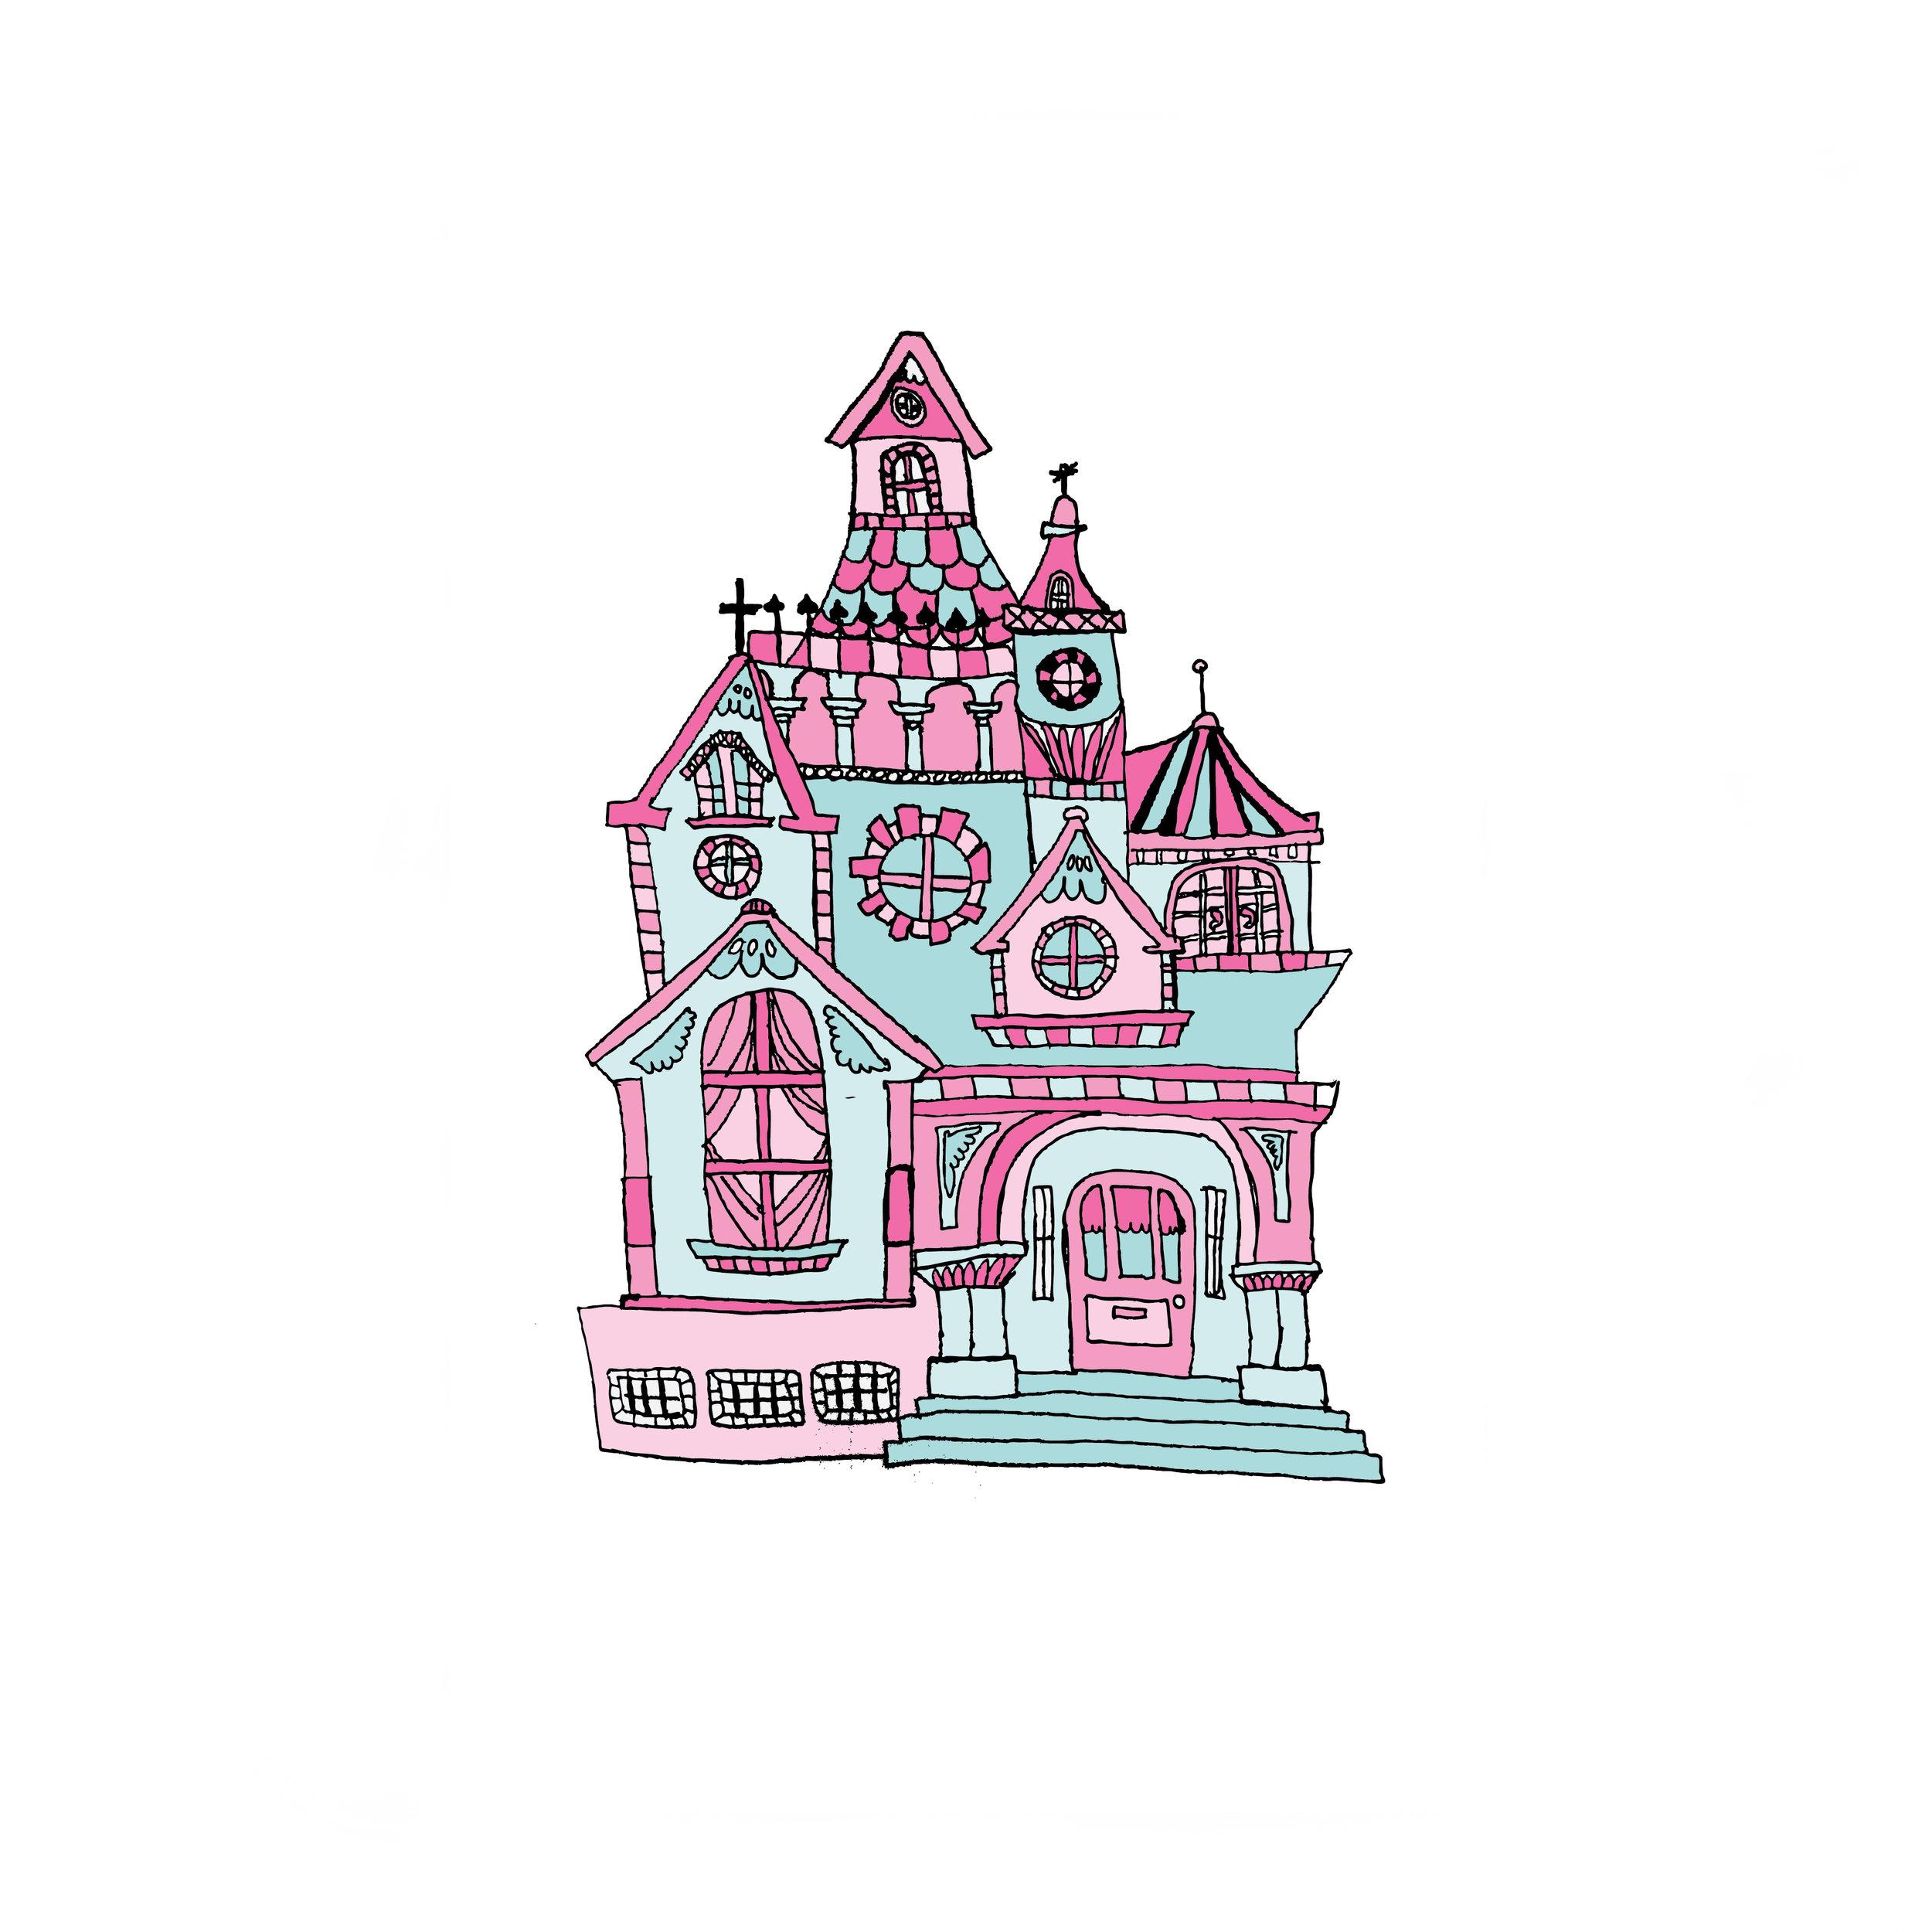 House_illustration-01.jpg